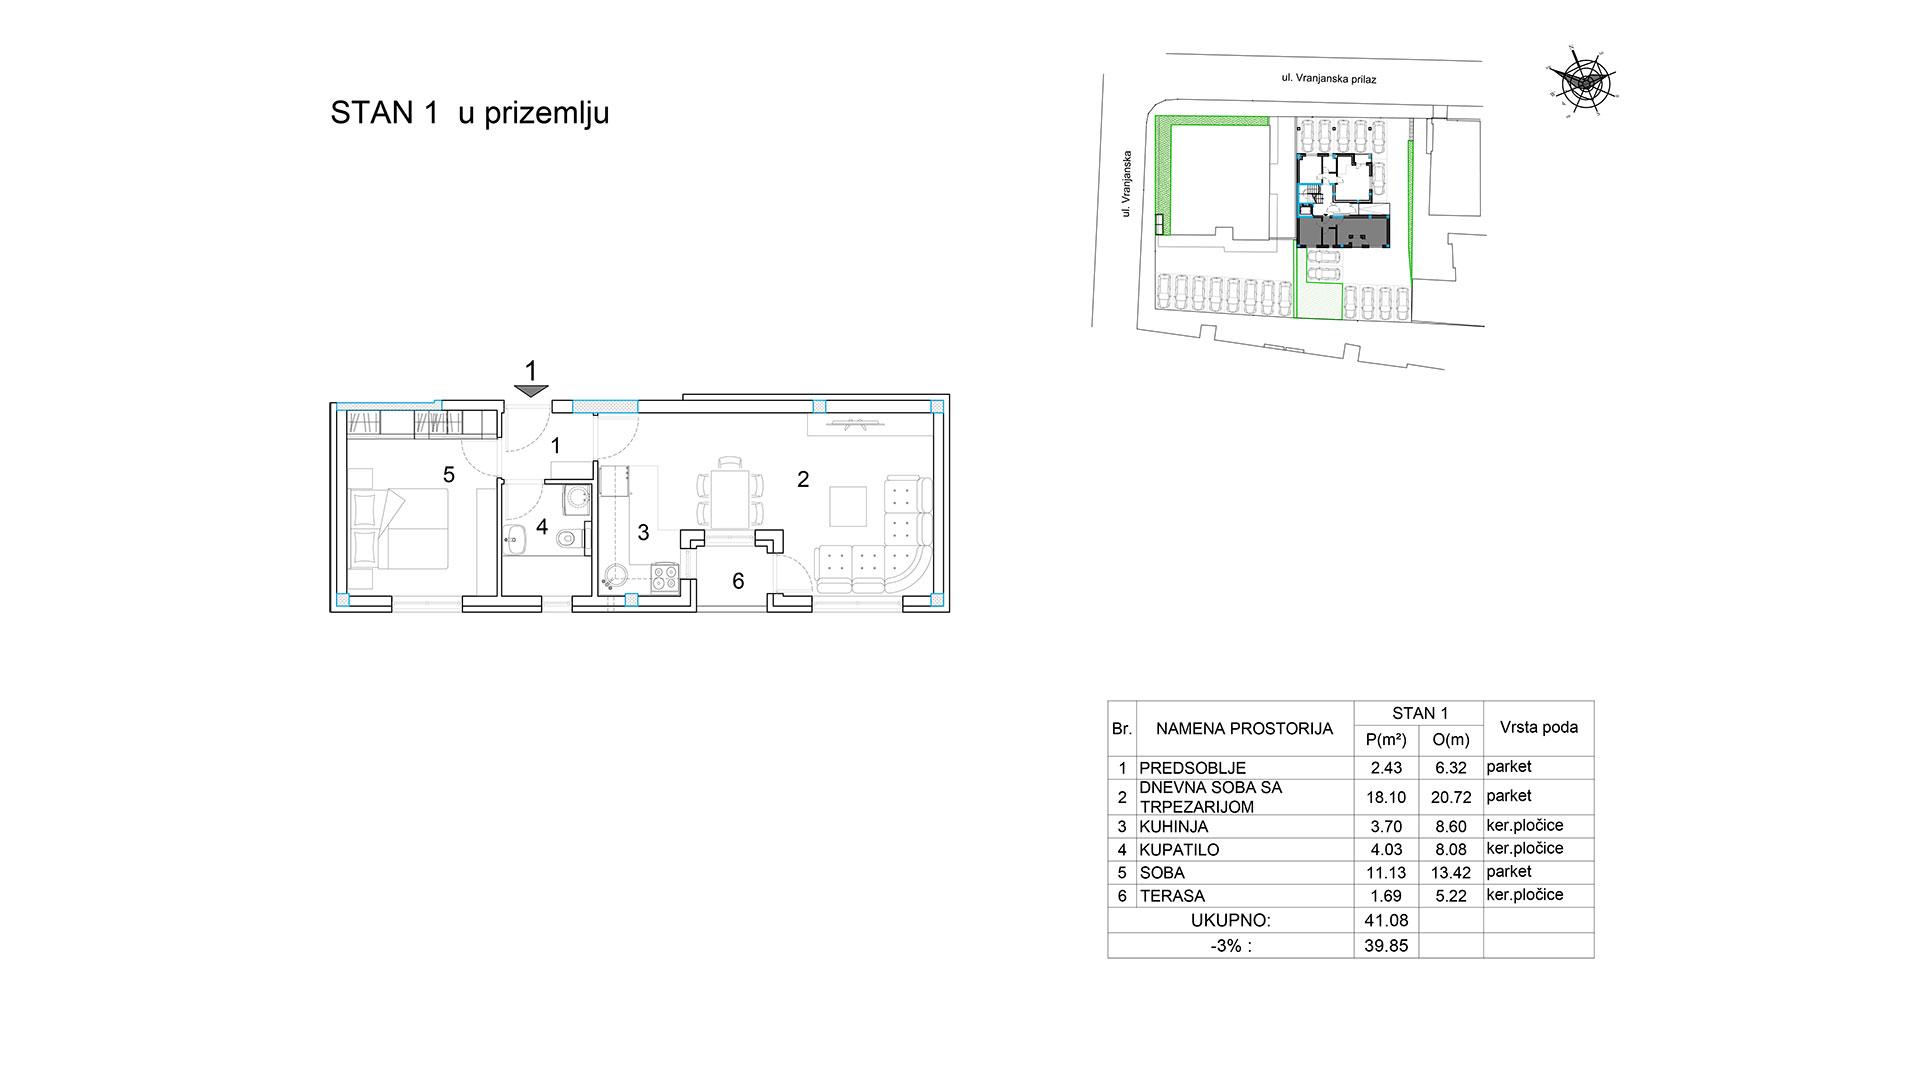 Objekat u Vranjanskoj 2A - stan 1